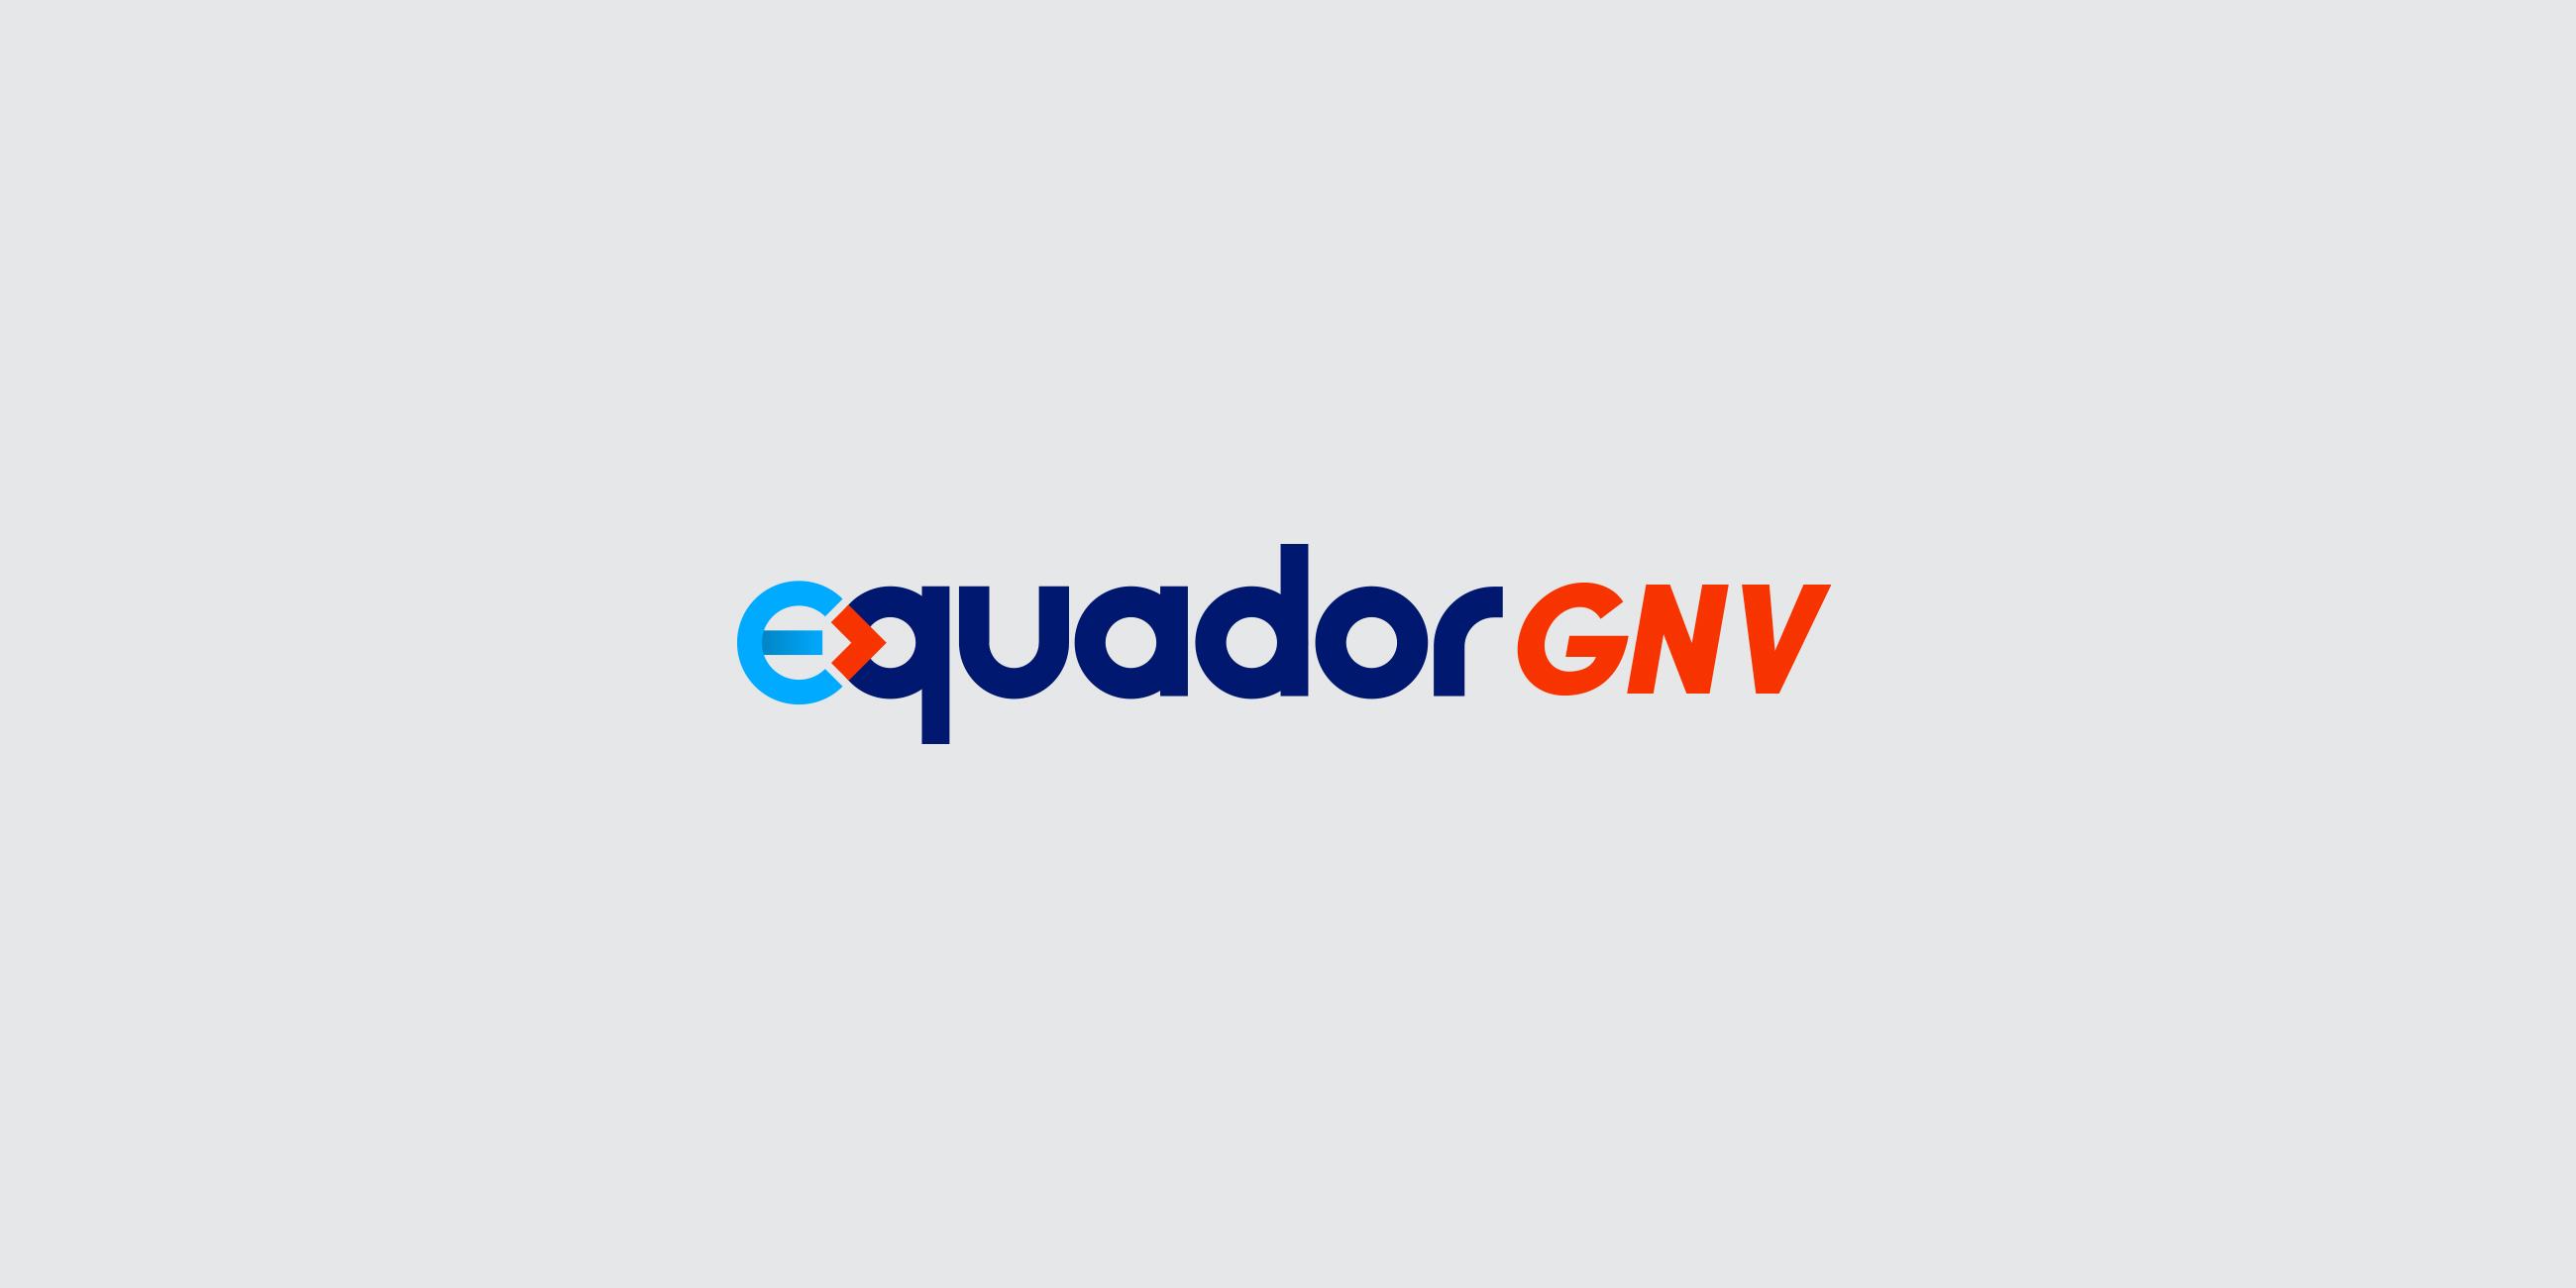 equadorgnv